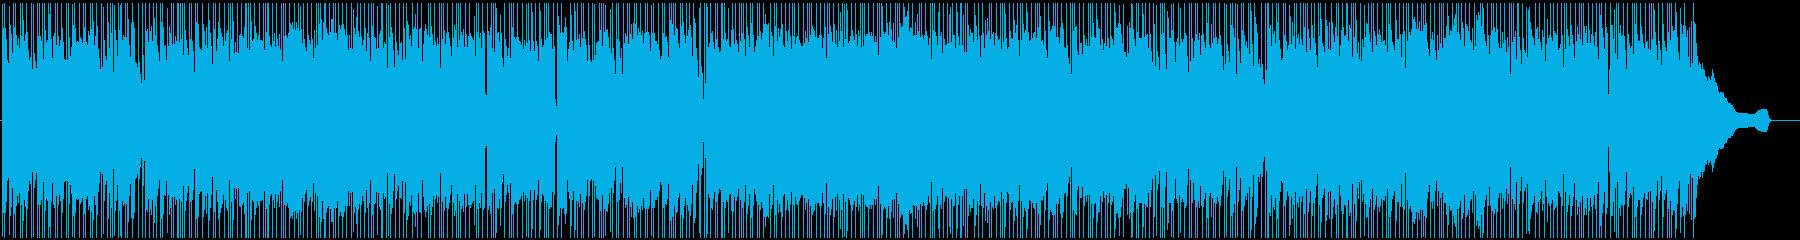 躍動感のあるイケイケなポップロックの再生済みの波形